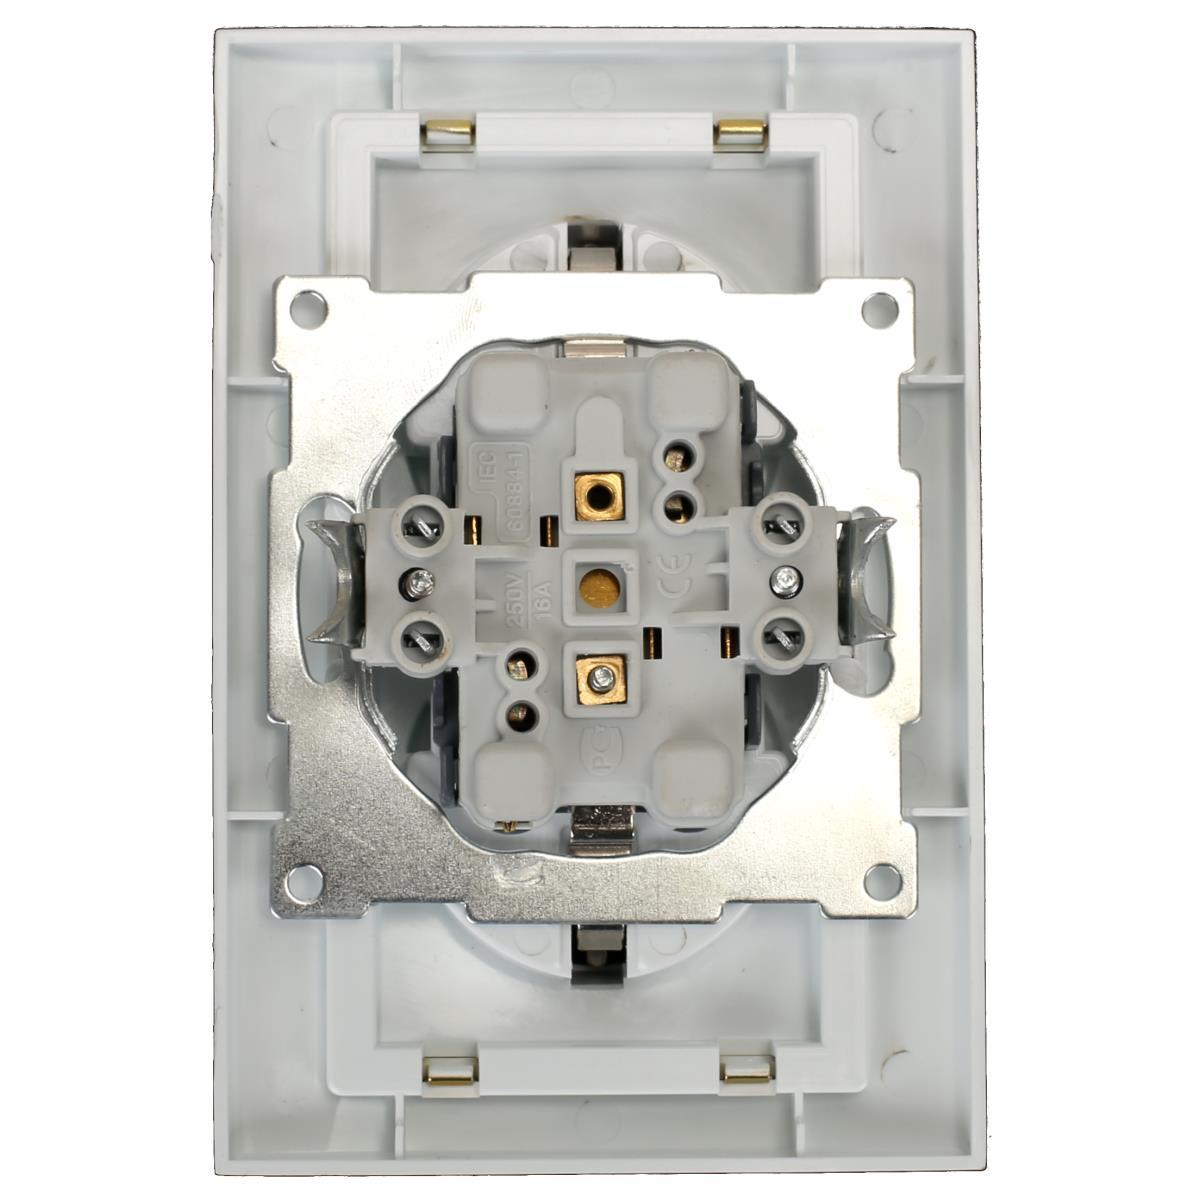 Doppel zweifach Steckdose mit Schutzkontakt Farbe weiß/gold 16 A, 250 V ,OKKO,9209-52, 4772013048664